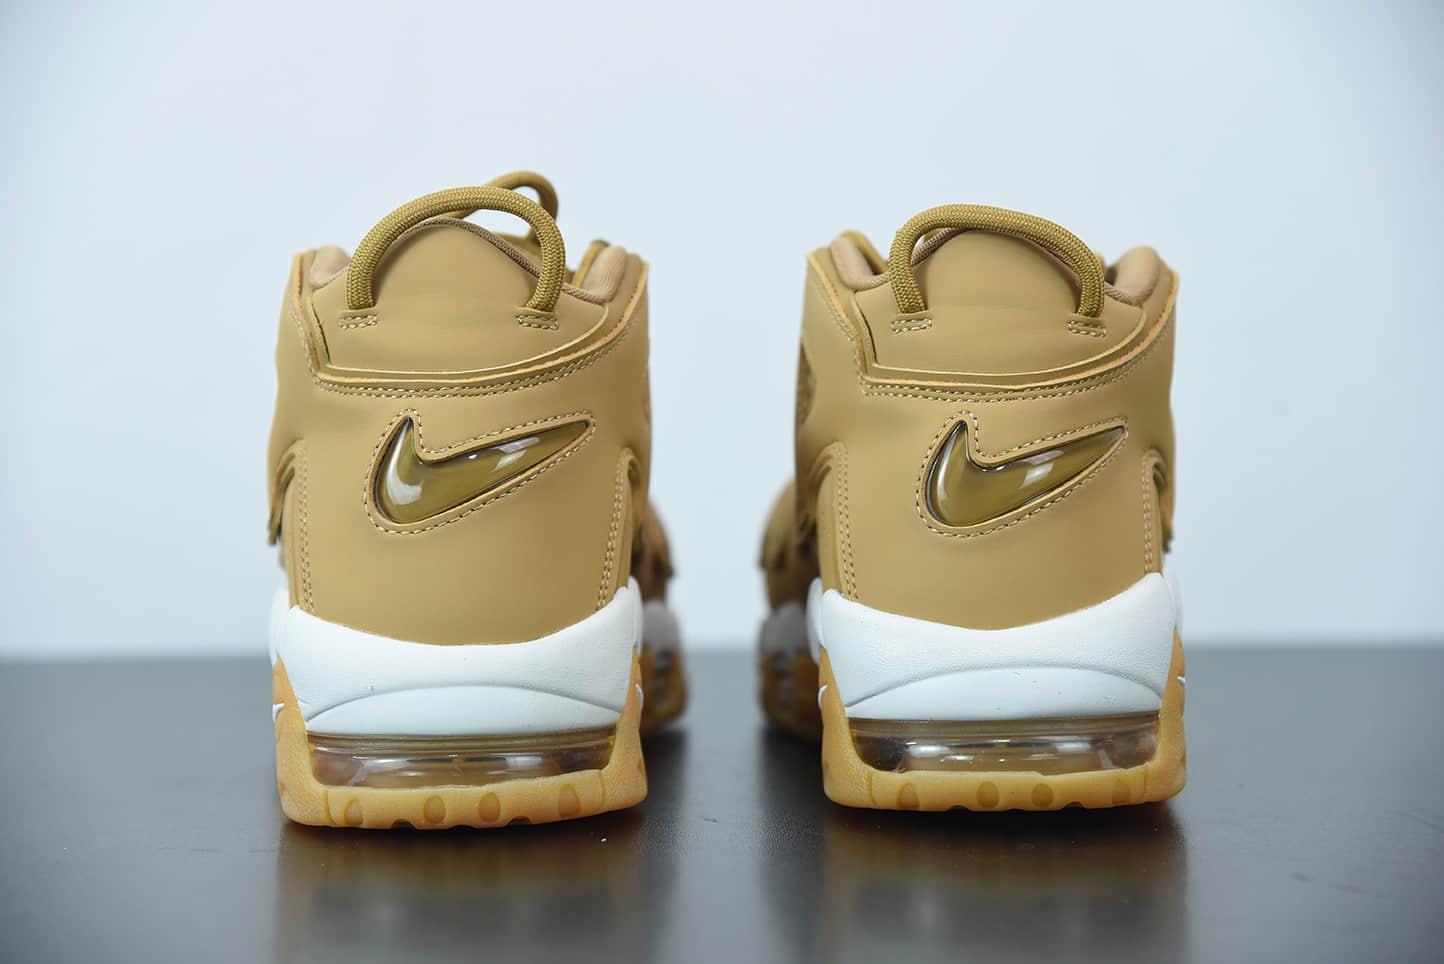 """耐克 Nike Air More Uptempo OG""""大AIR""""小麦配色皮蓬一代复古百搭文化休闲篮球鞋纯原版本 货号:AA4060-200"""